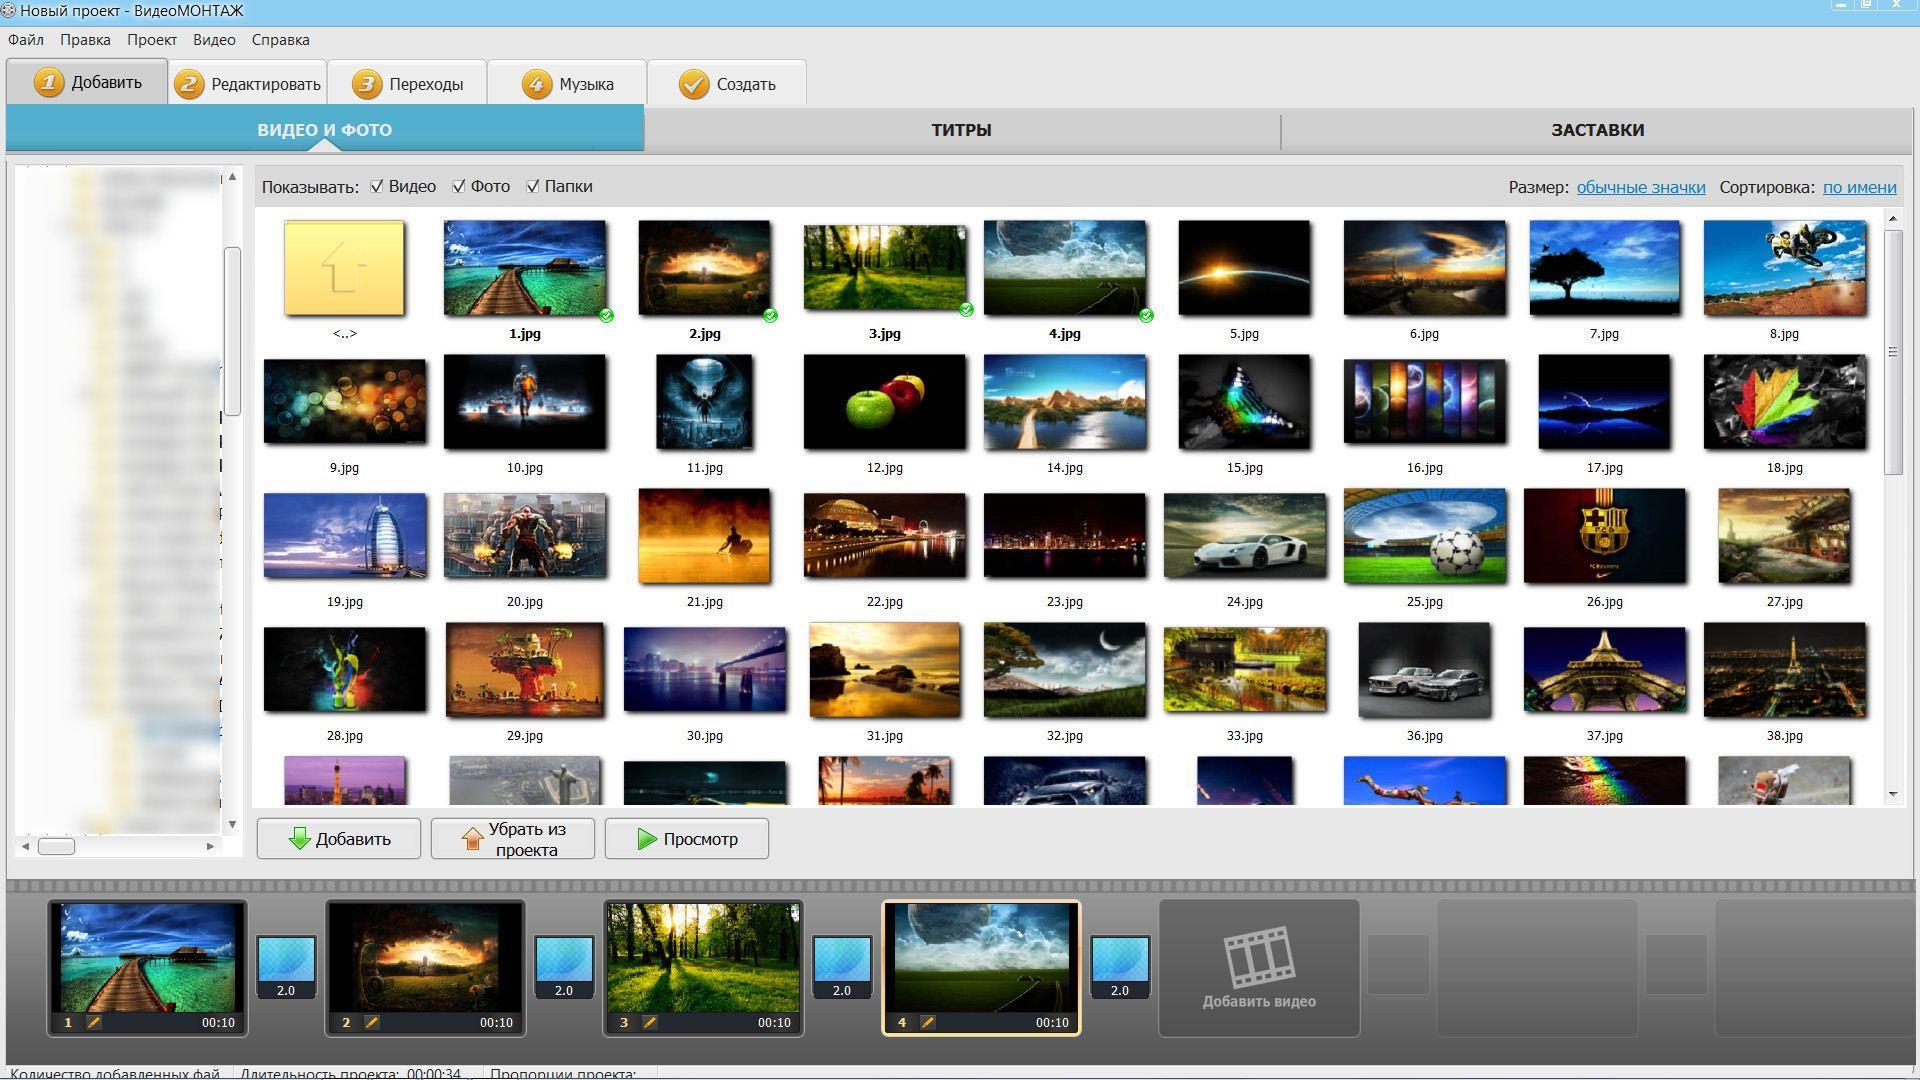 Программа для монтажа видео: только лучший софт.